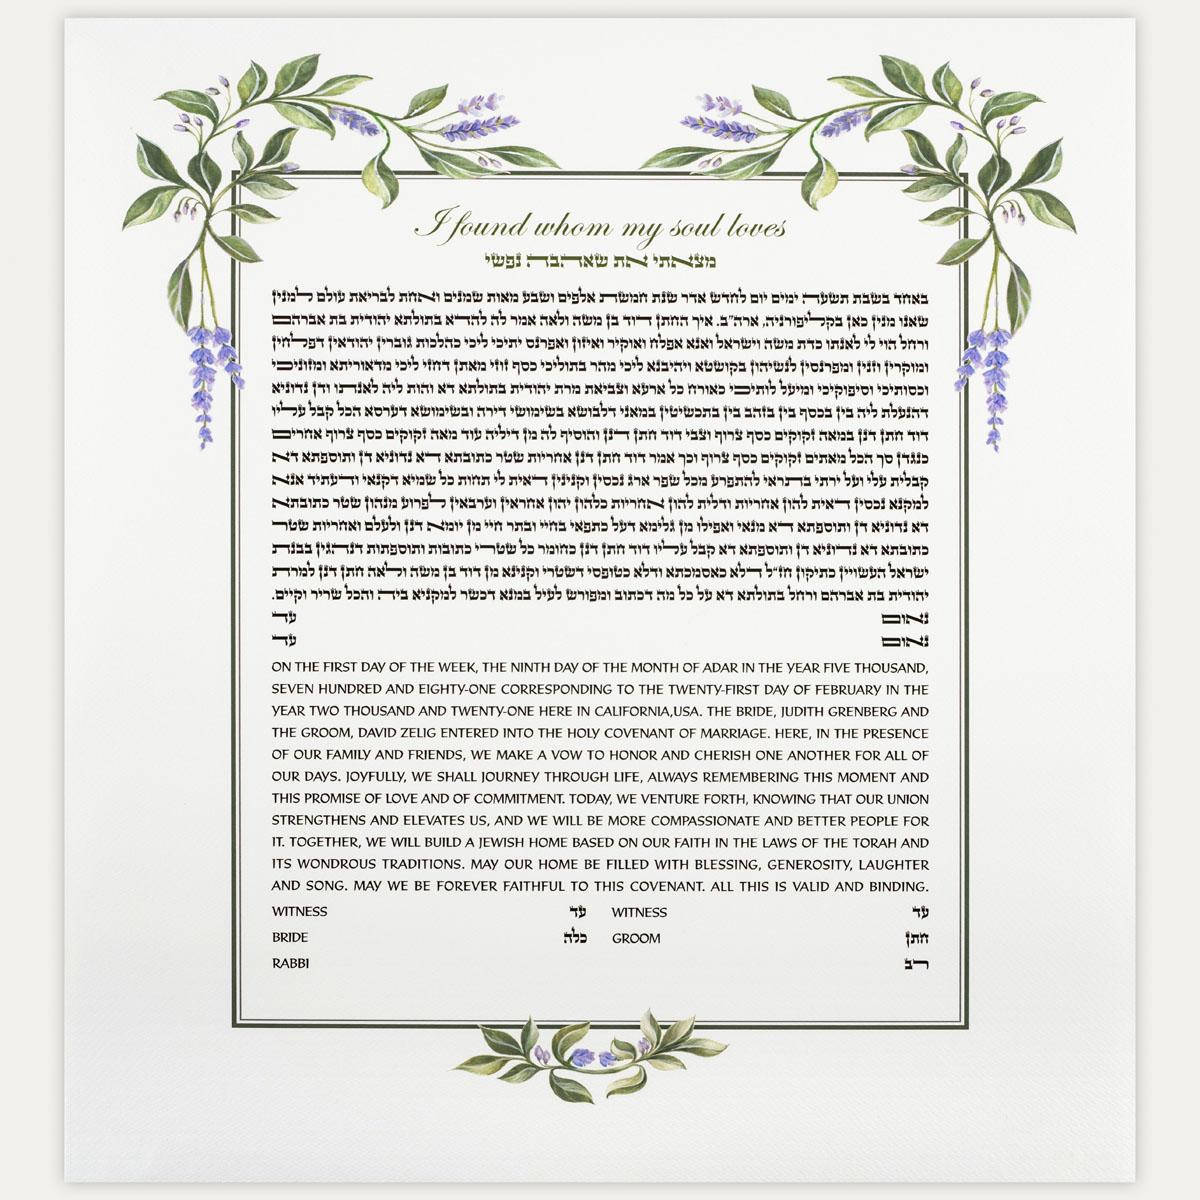 Jewish marriage vows